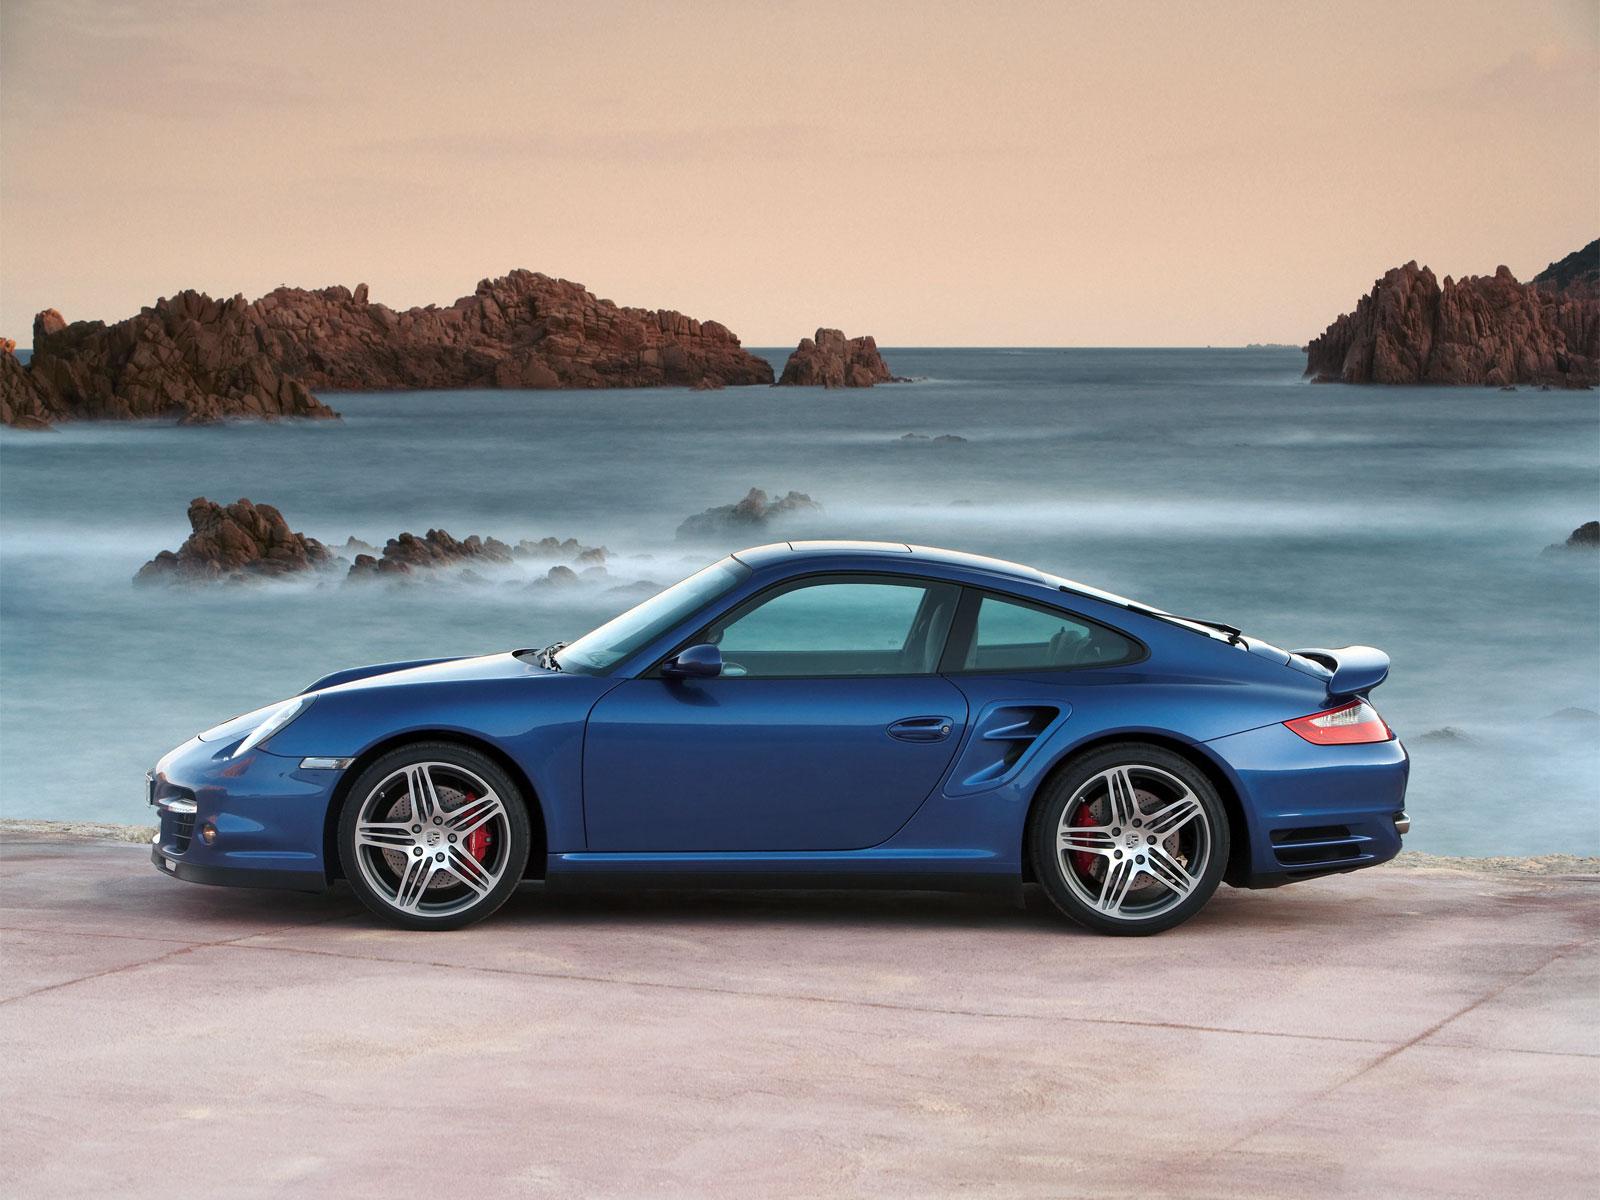 World Of Cars: Porsche 911